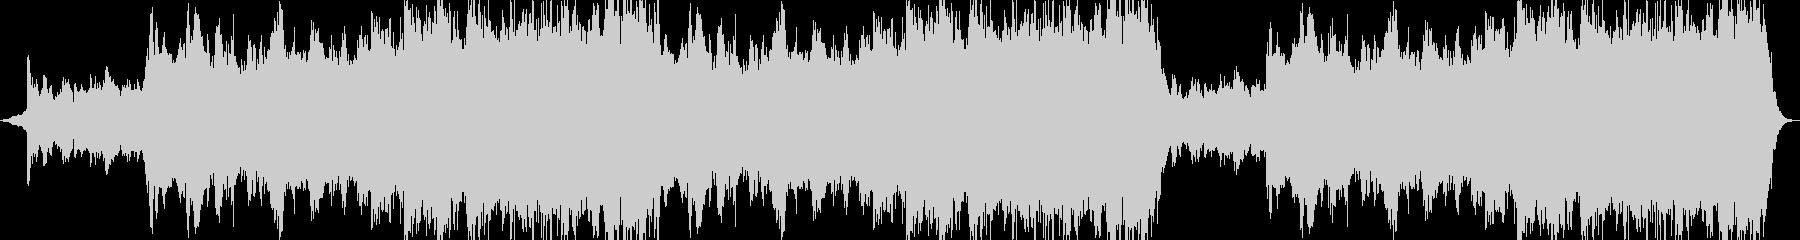 神秘的 ヒーリング アンビエントの未再生の波形